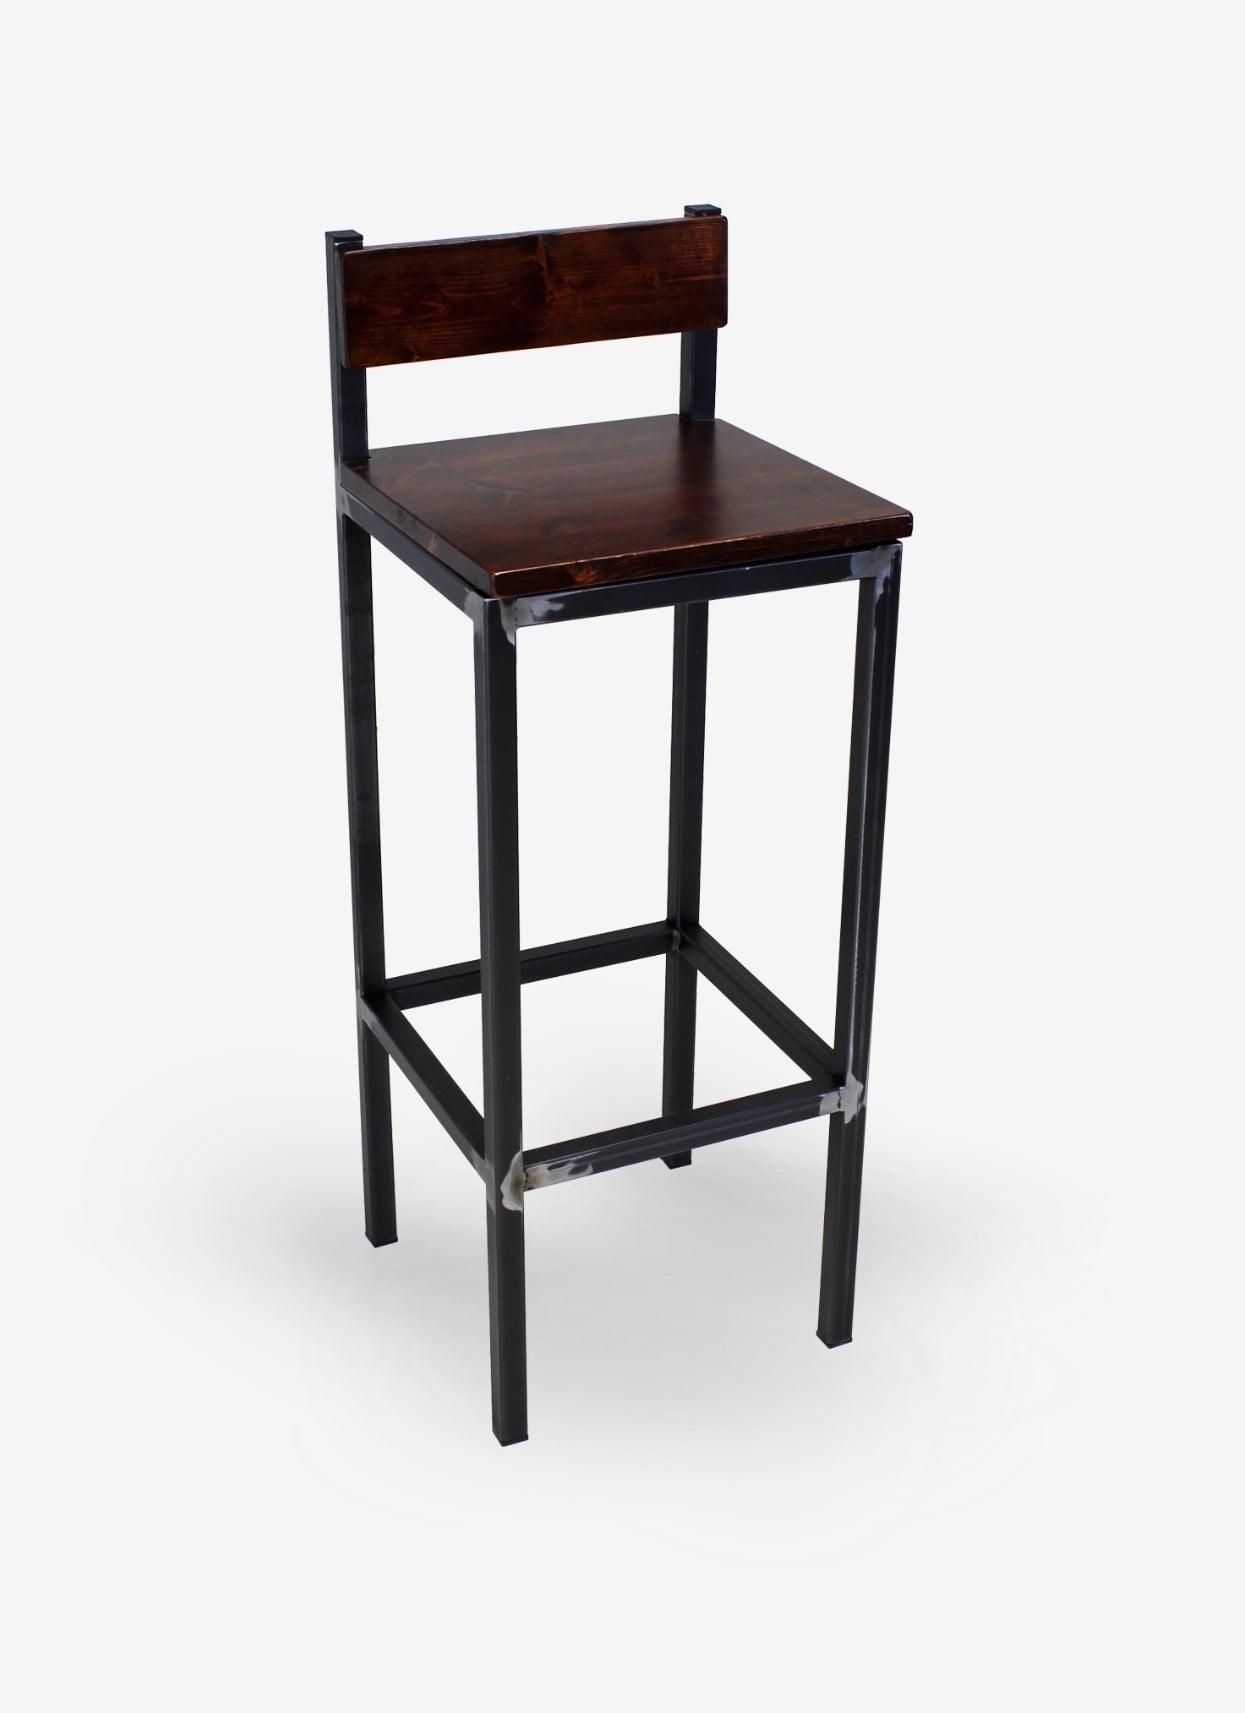 produzione-sgabelli-in-metallo-sgabelli-in-legno-per-arredamento-ristoranti-arredamento-bar-arredo-alberghi-arredo-negozi-uffici-sgabelli-per-arredamento-contract-Tl